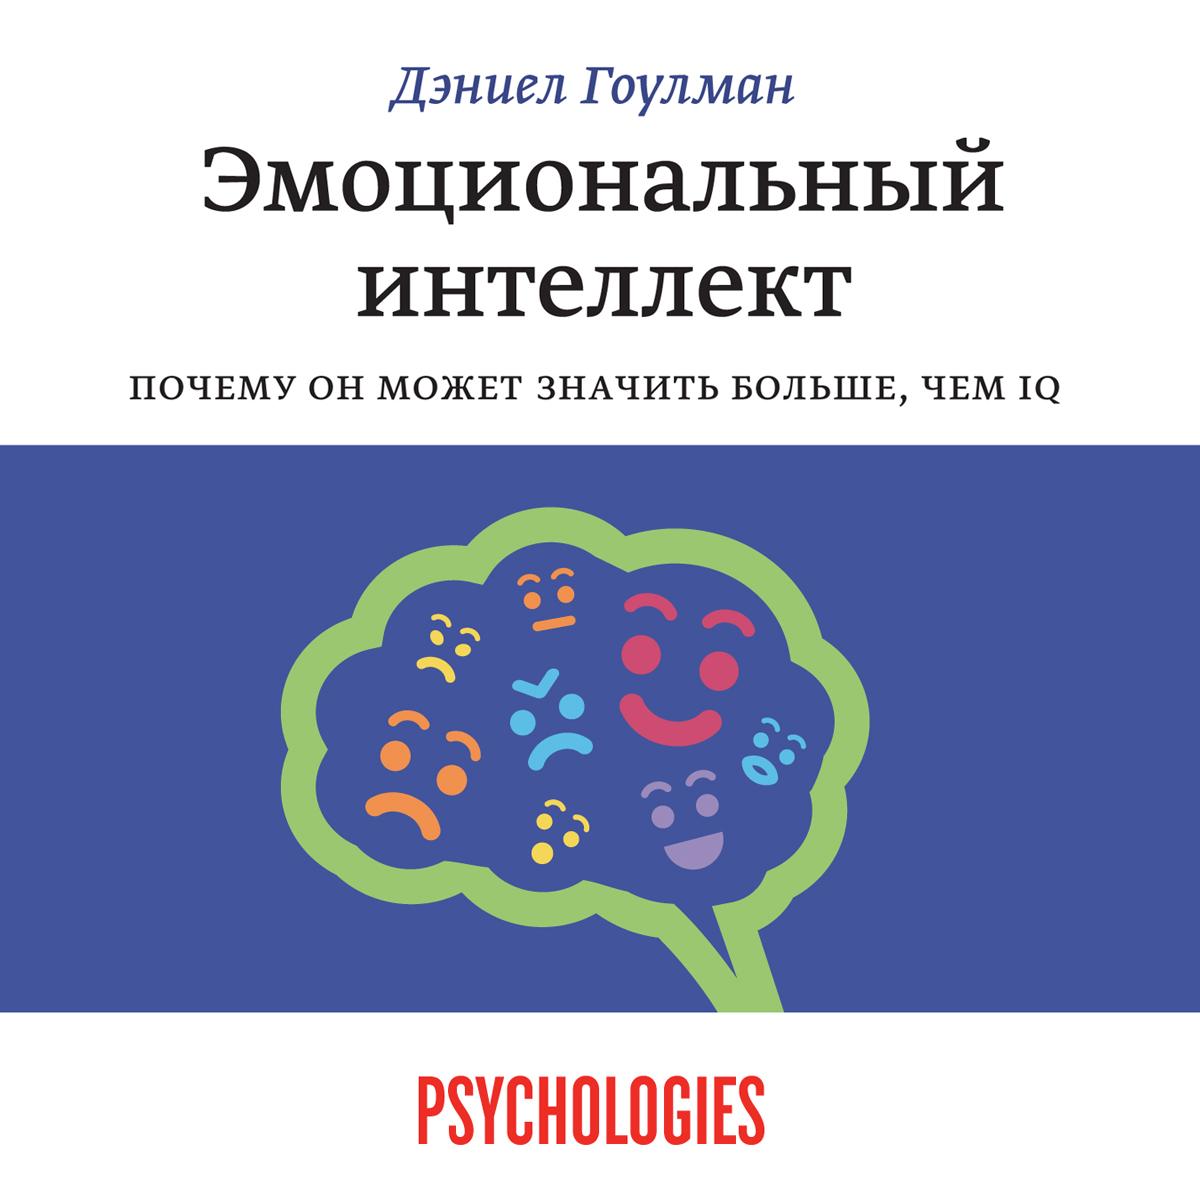 Дэниел Гоулман - Эмоциональный интеллект. Почему он может значить больше, чем IQ